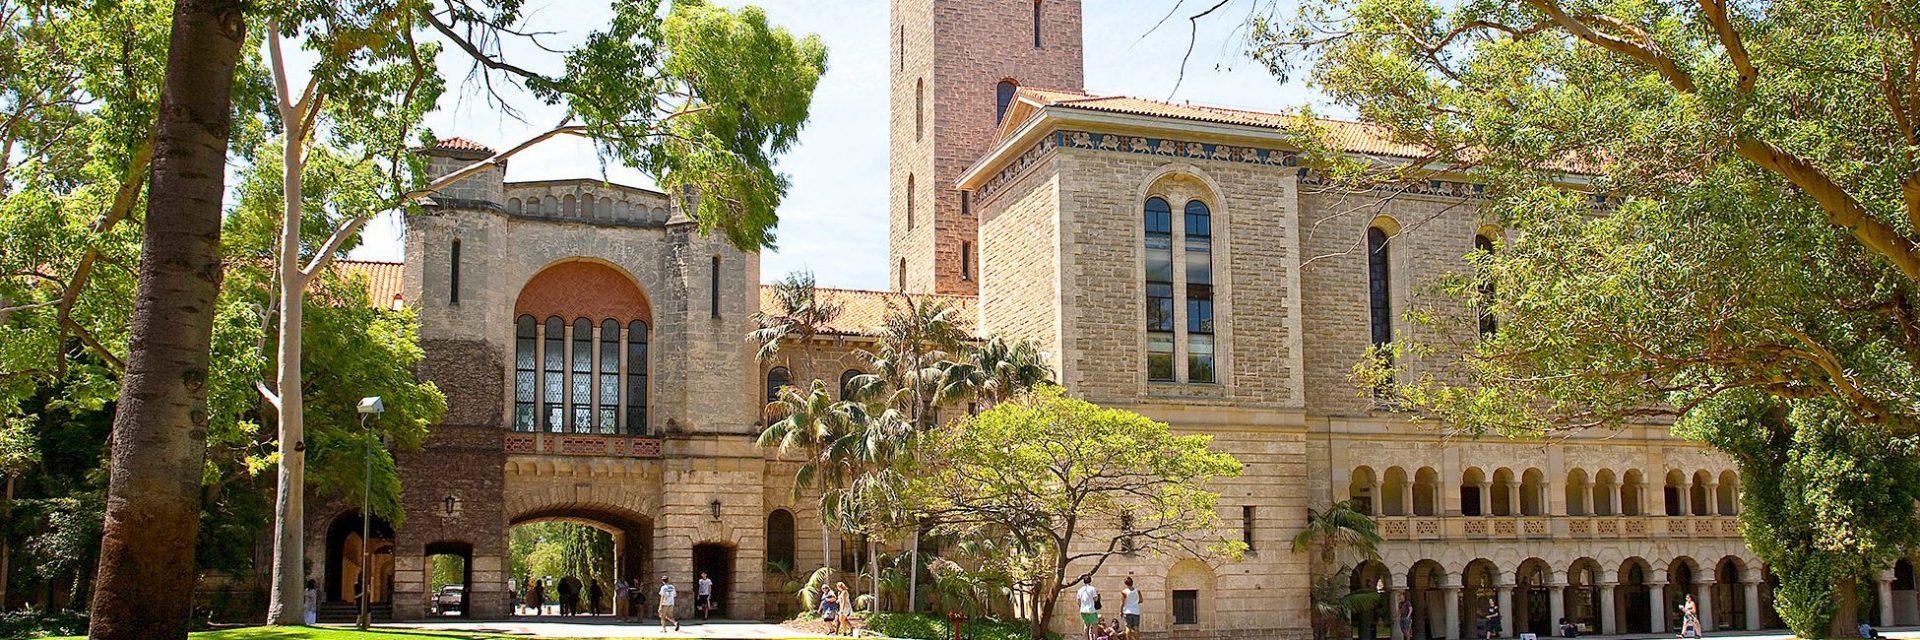 بورسیه دانشگاه استرالیا غربی